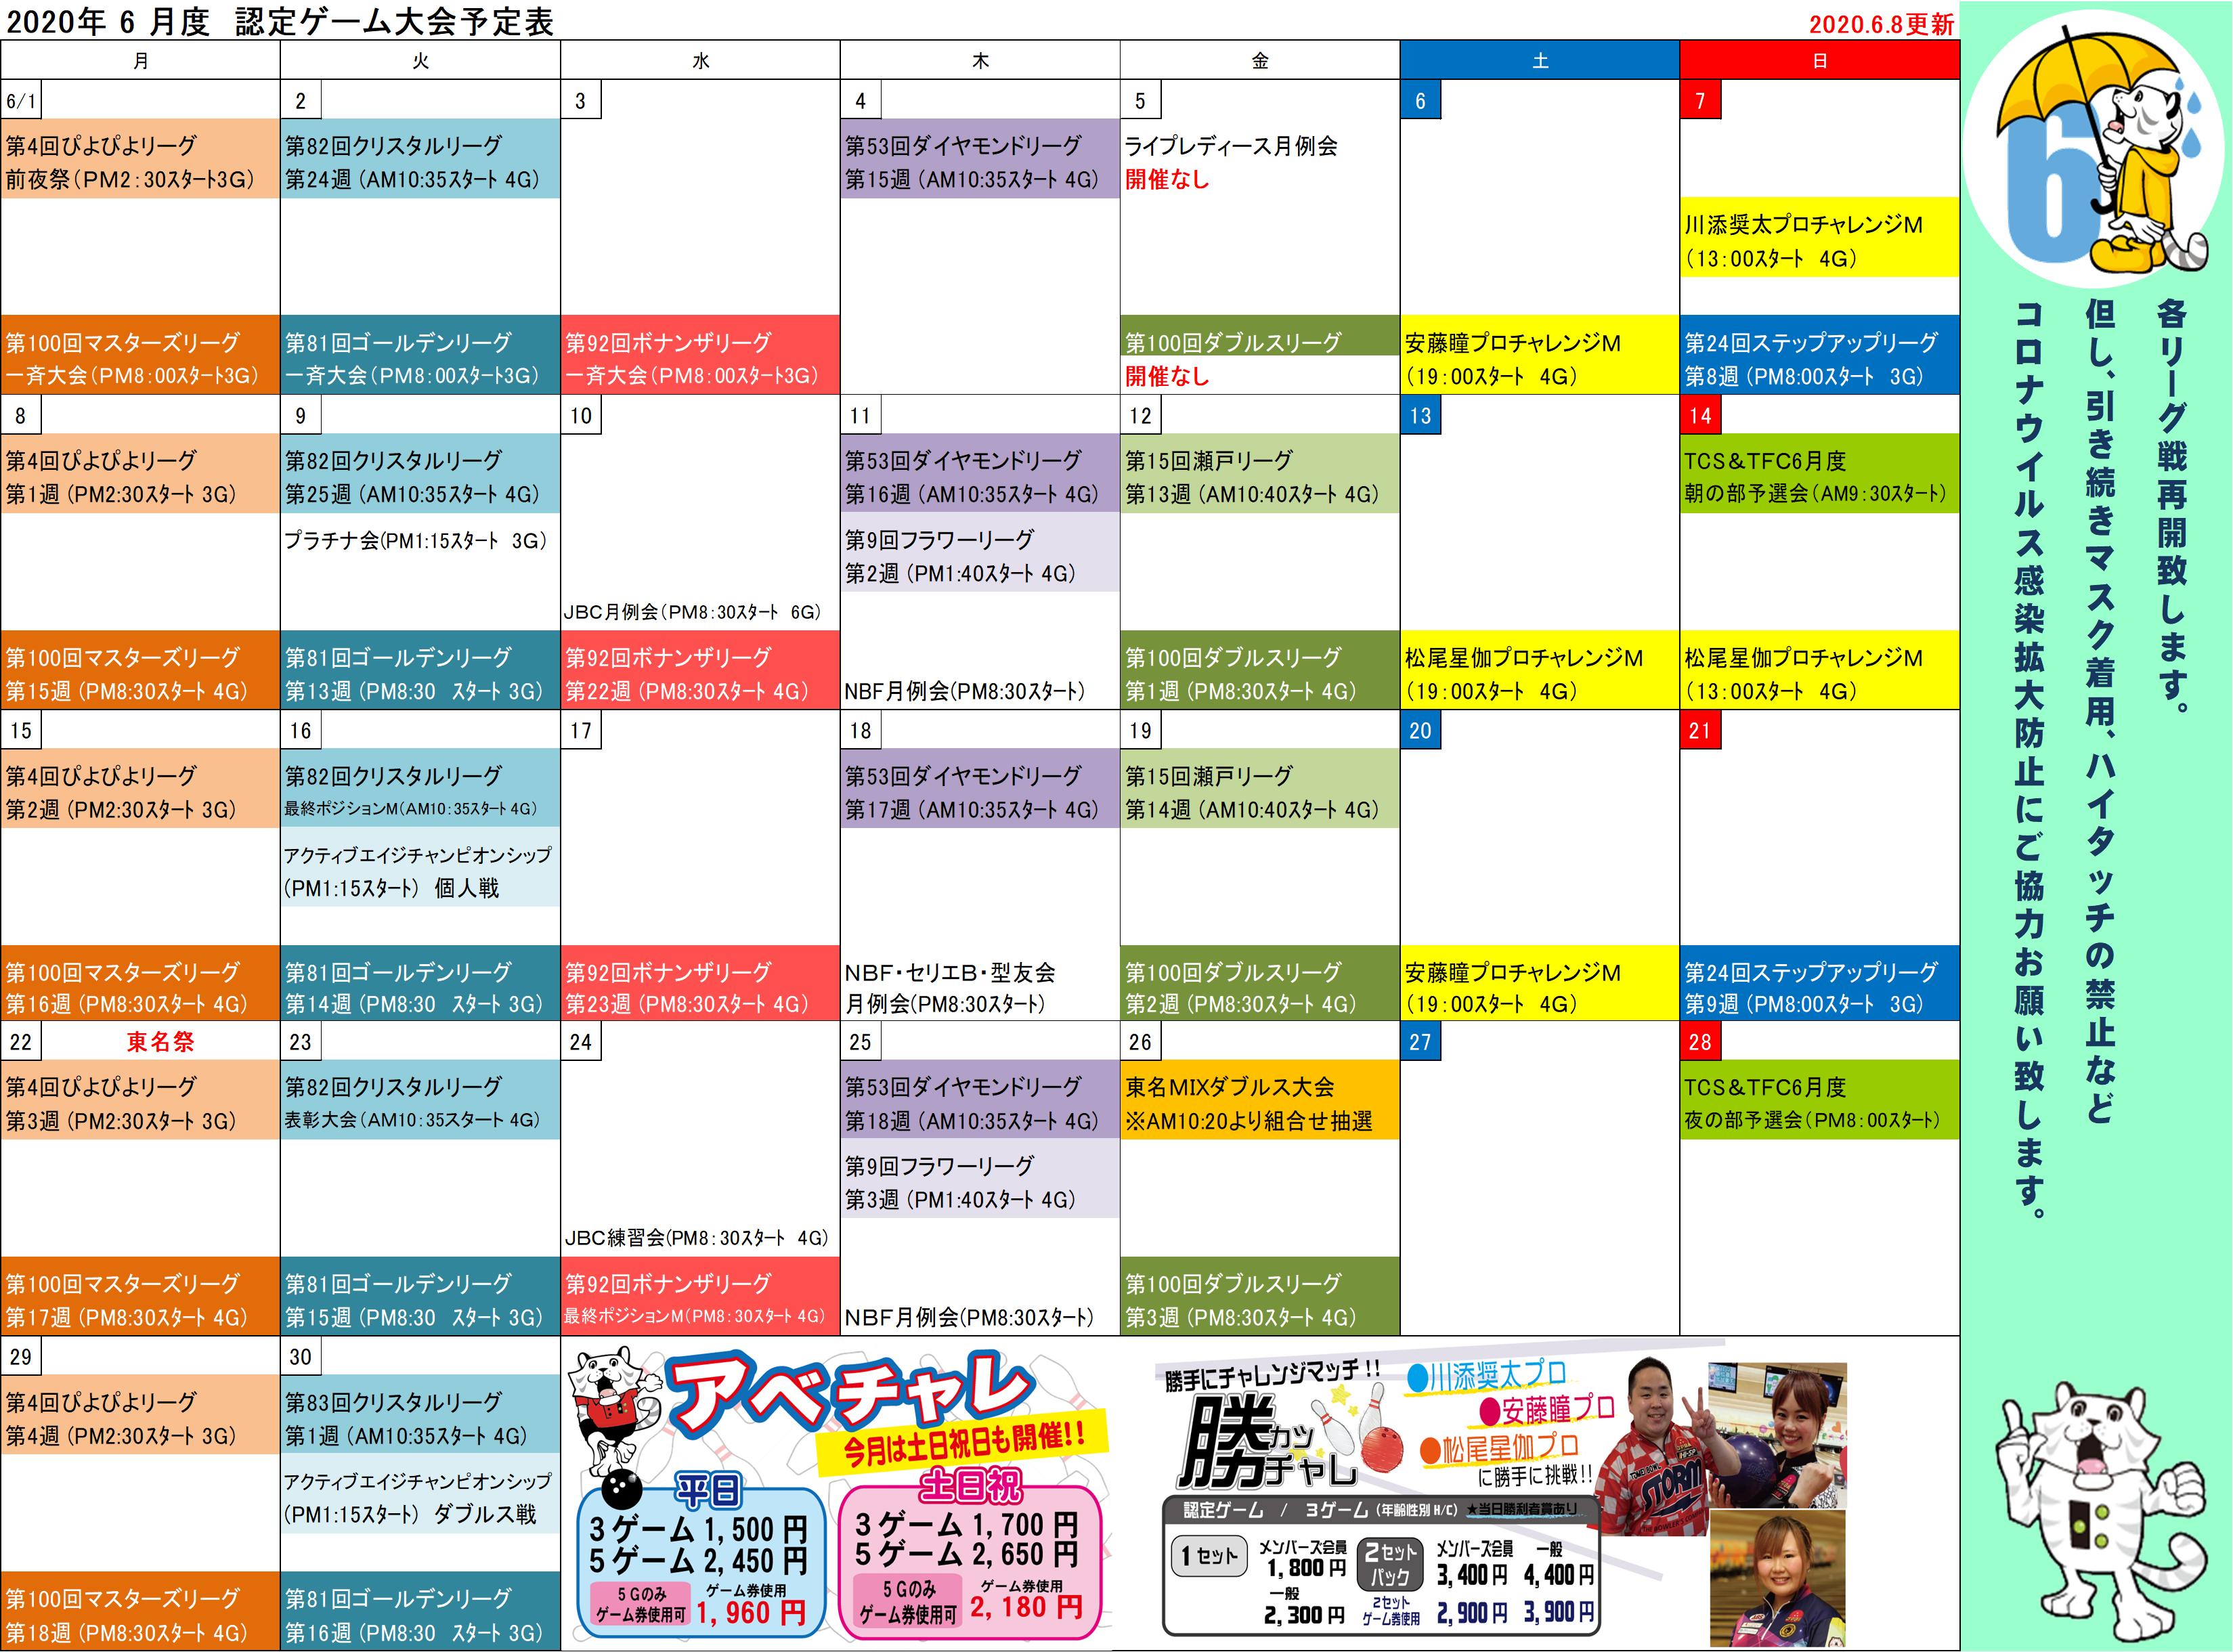 ★会員様向け★6月認定ゲーム大会予定表